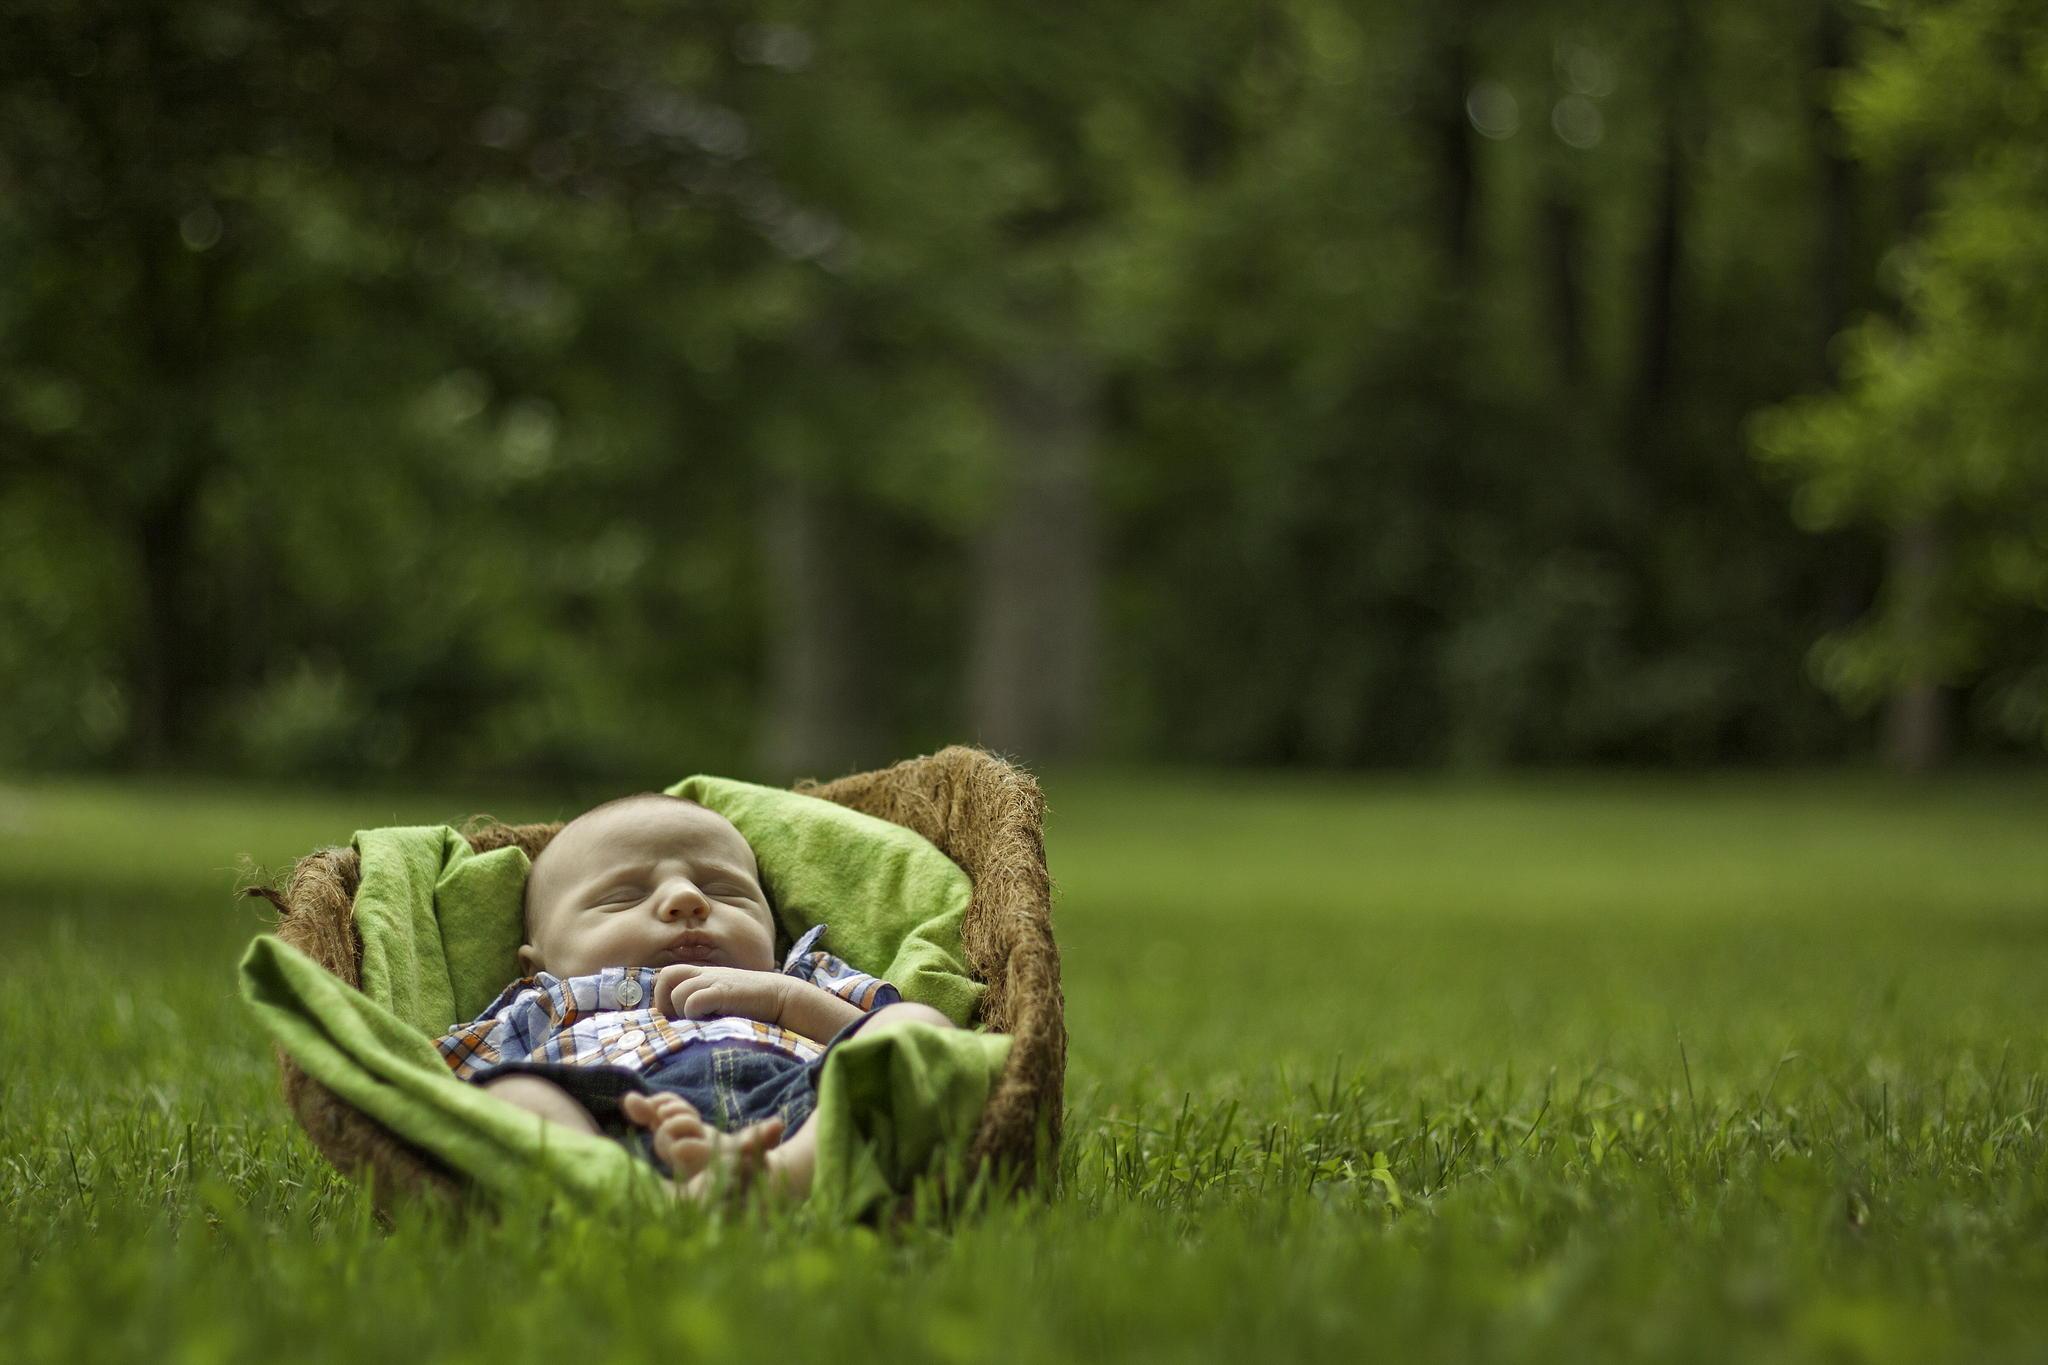 Младенец должен много спать на свежем воздухе